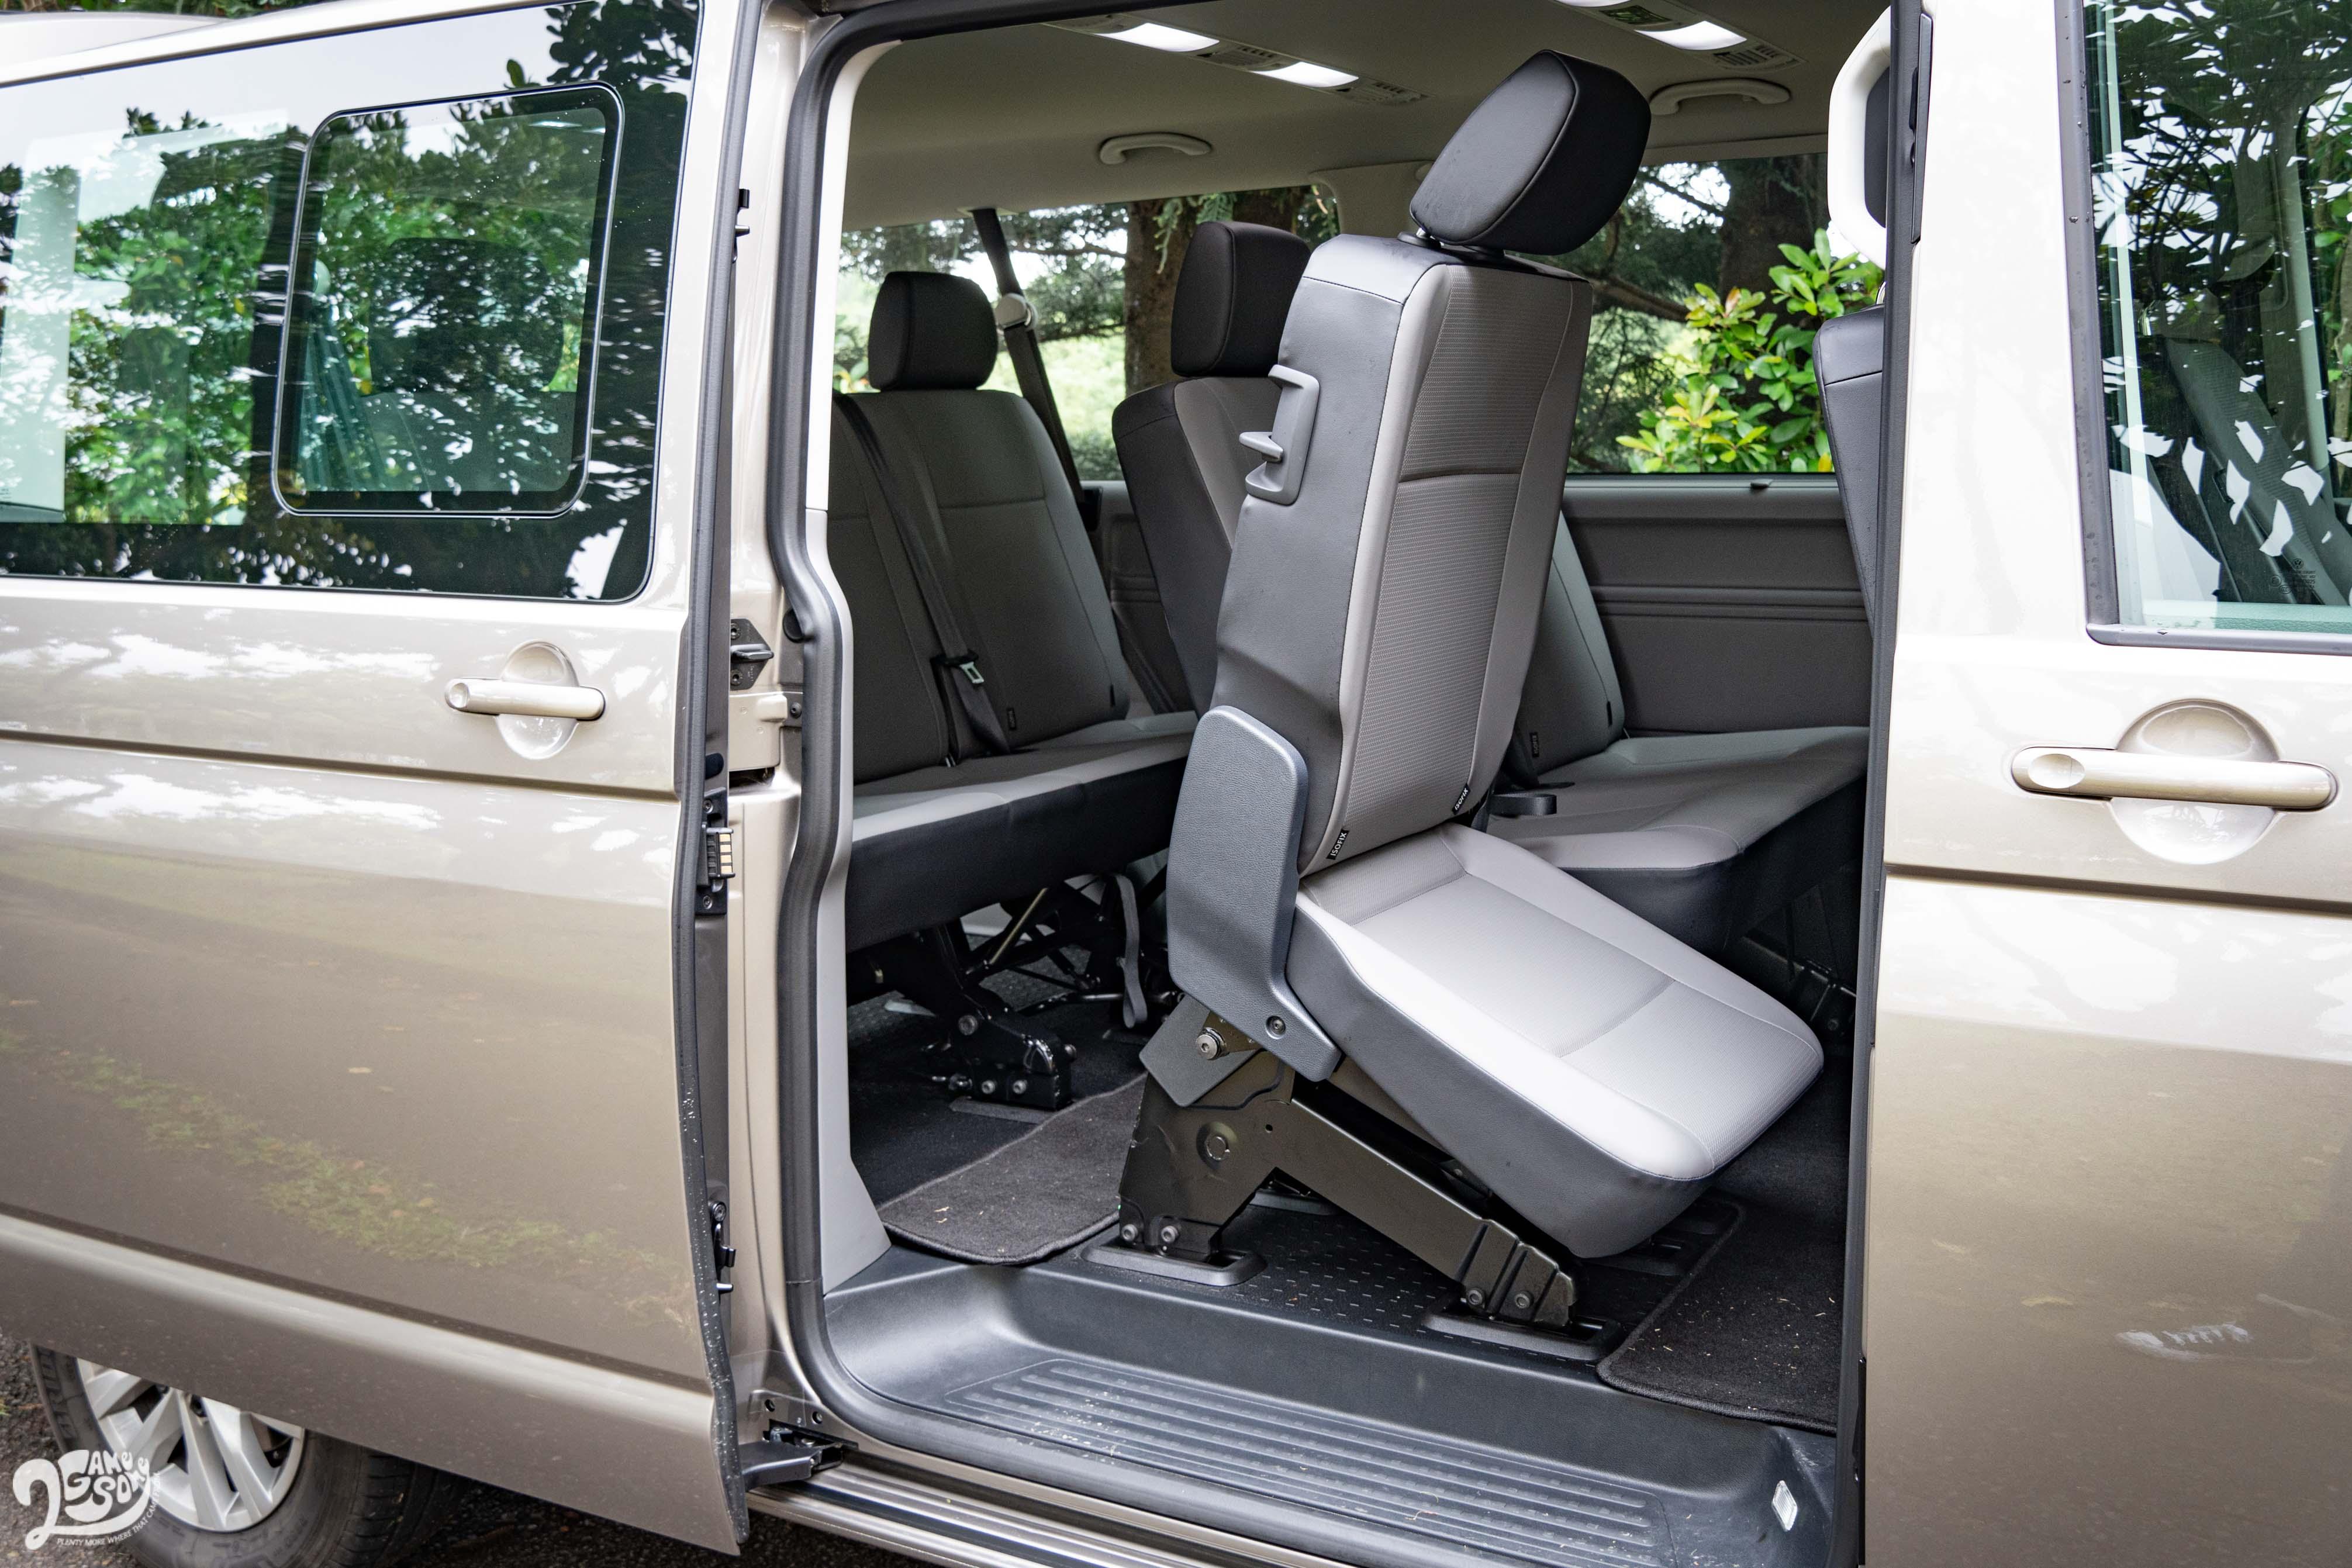 三人座椅附右側 Easy Entry 裝置。